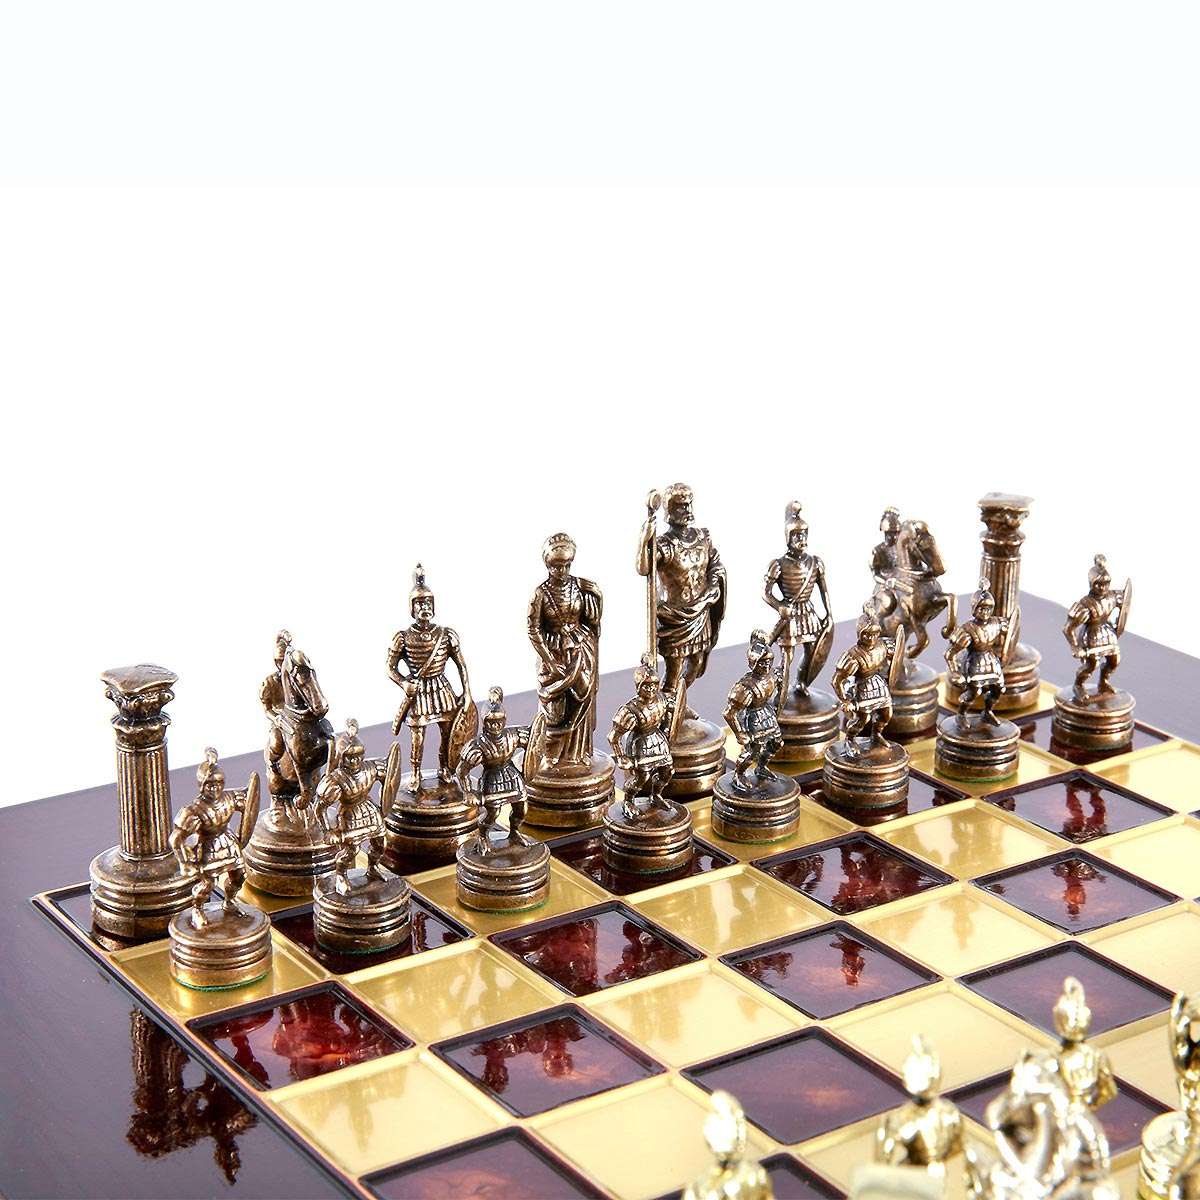 Шахматы что это такое что за игра что за вид спорта